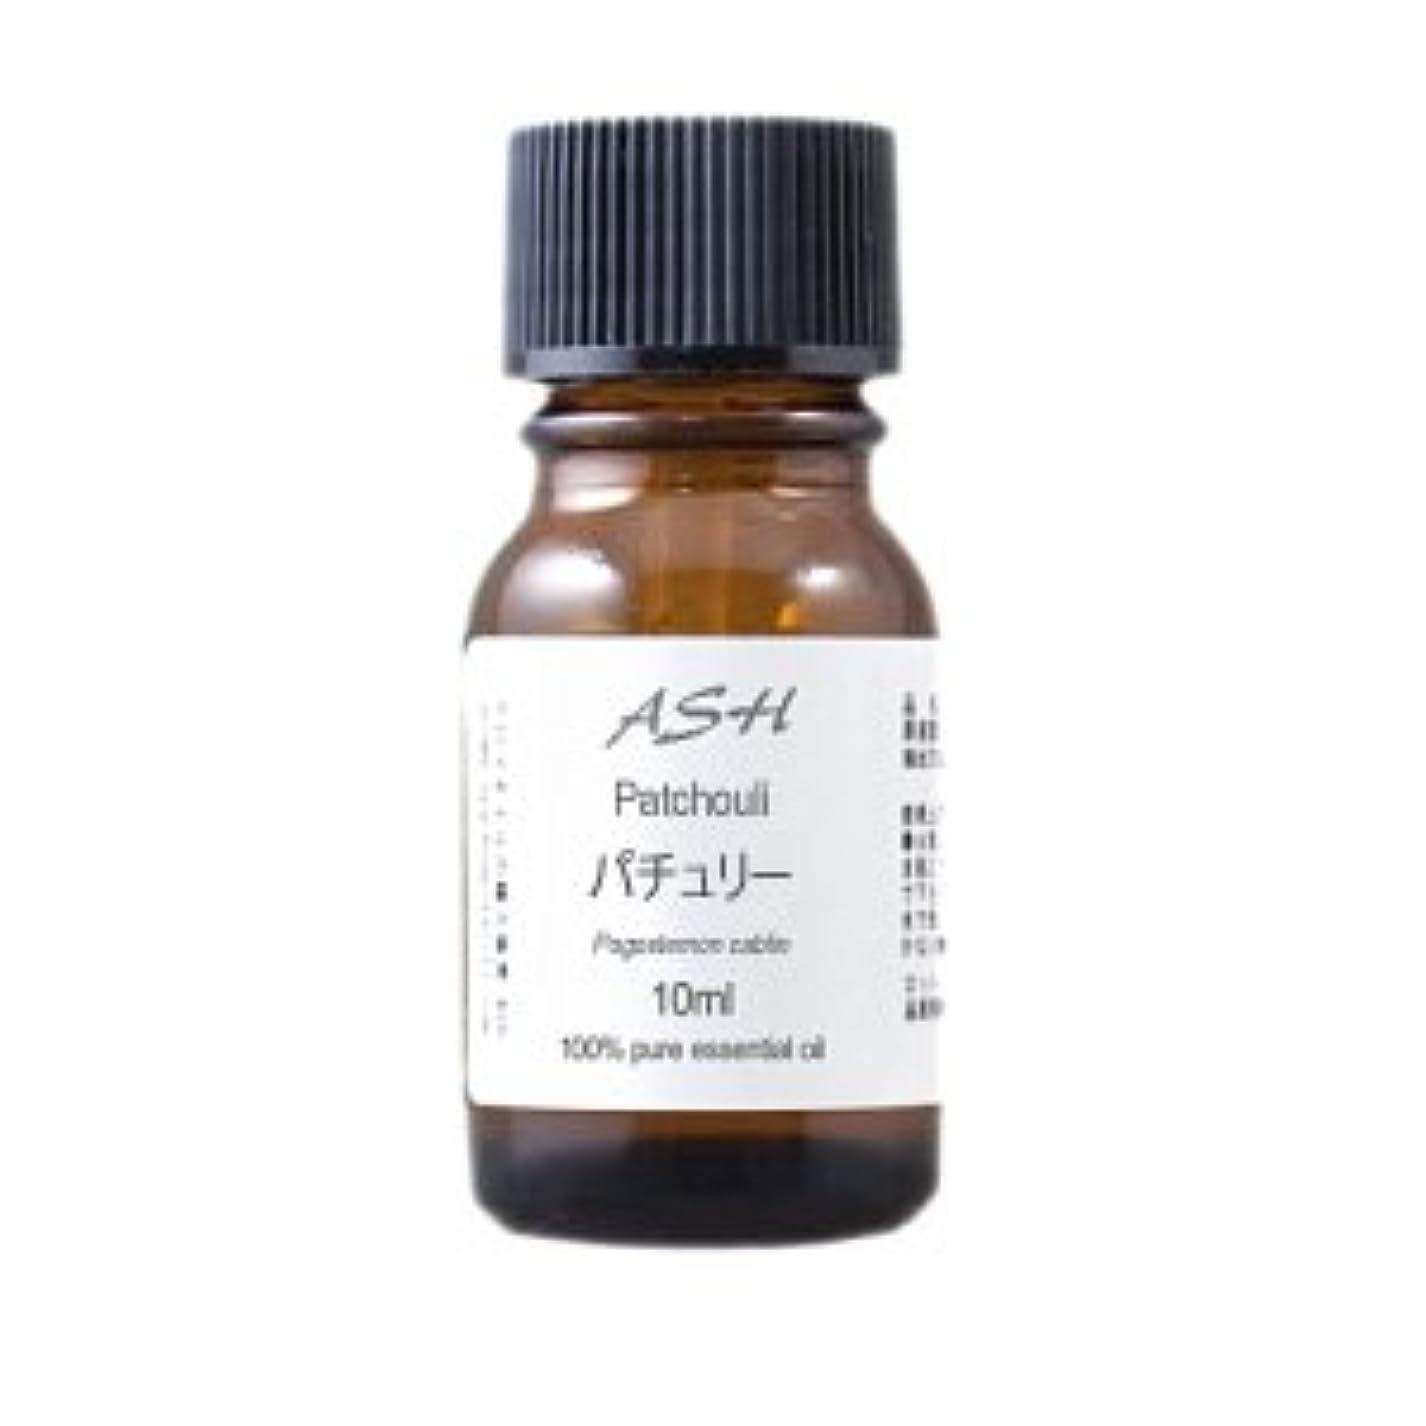 動脈歩道プロペラASH パチュリー エッセンシャルオイル 10ml AEAJ表示基準適合認定精油